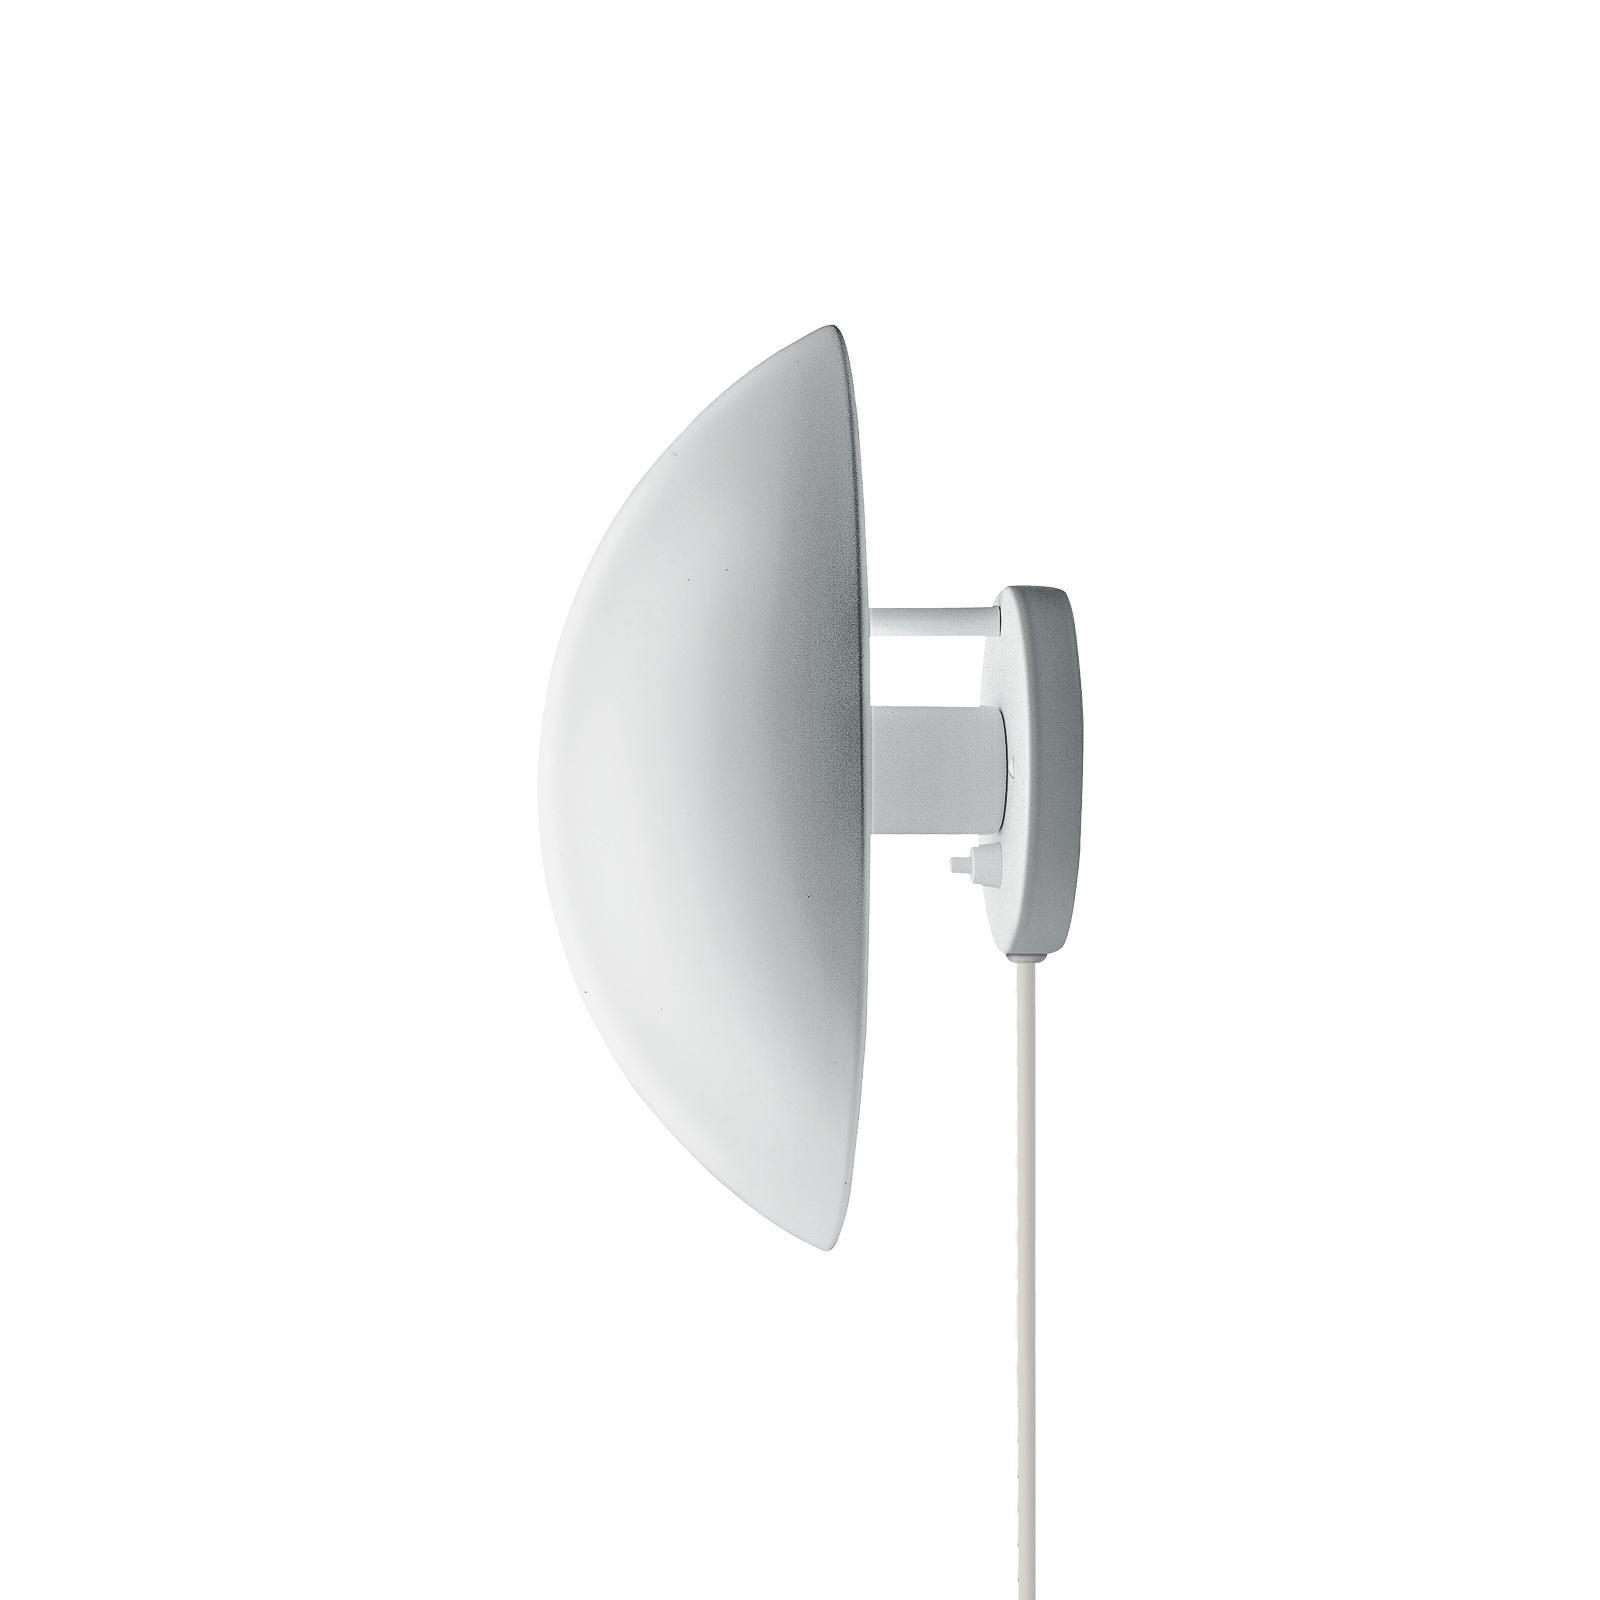 Louis Poulsen PH Hat væglampe med stik